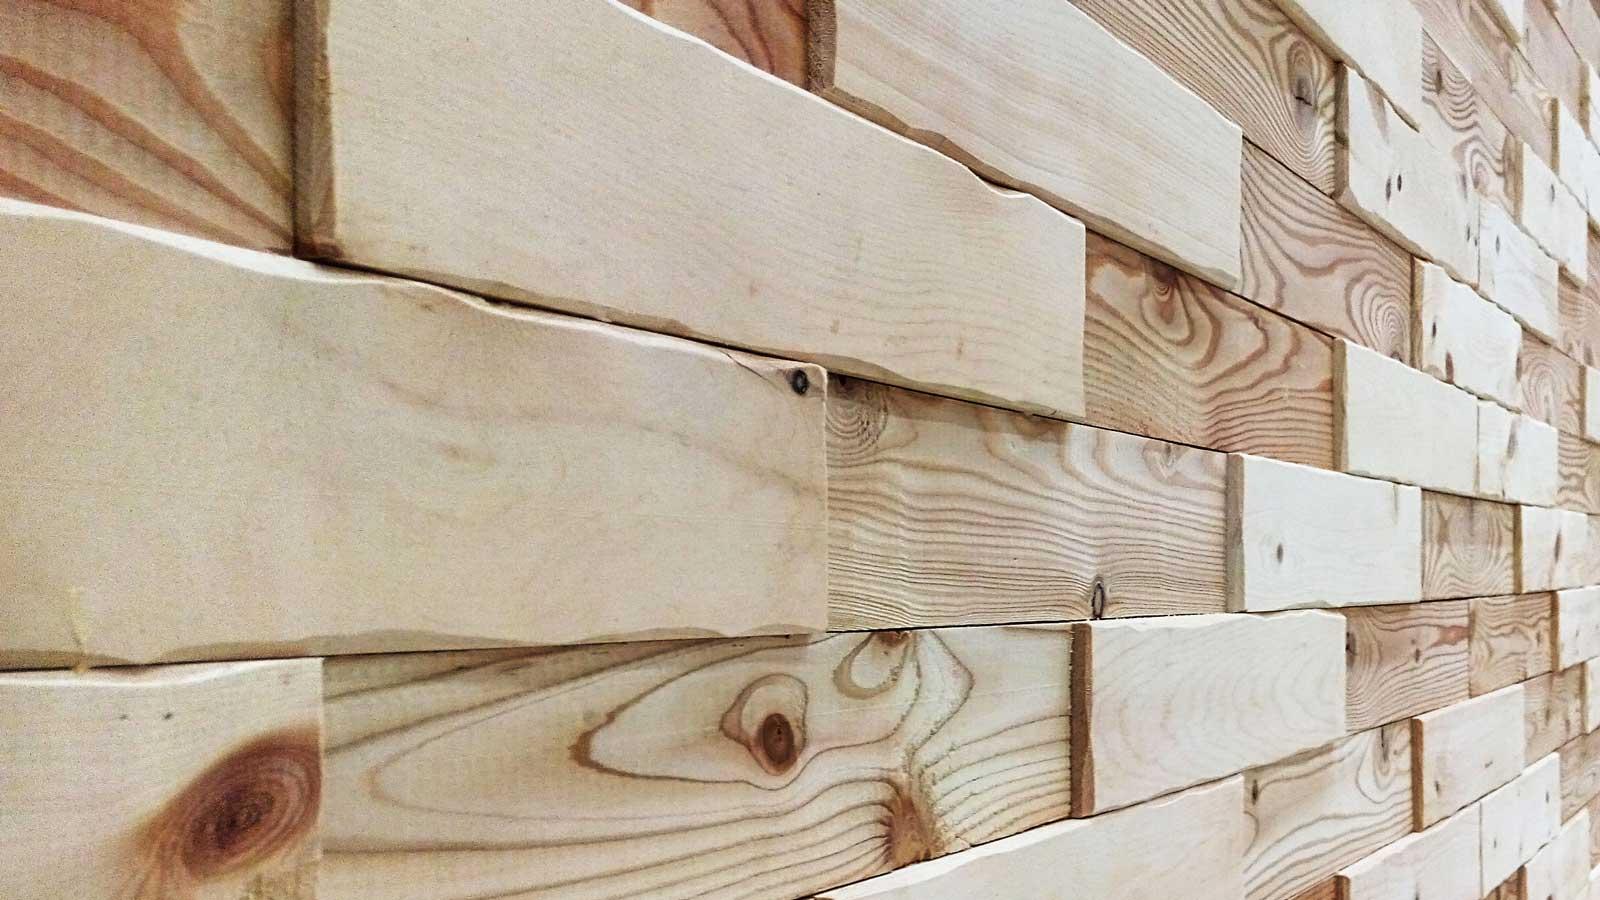 Holzzaun und Gartenzaun aus Lärchenholz